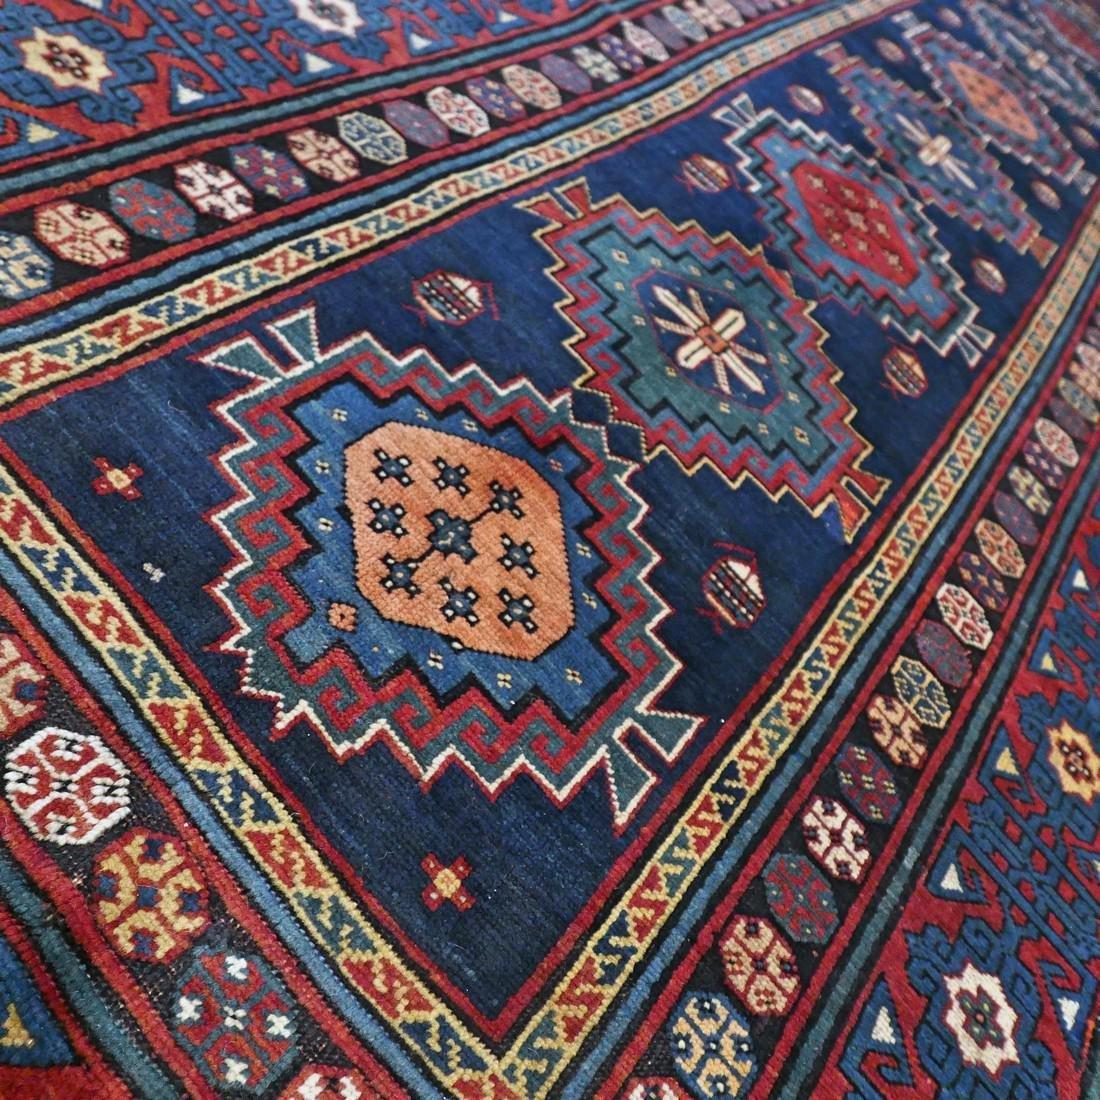 Antique 1800s Kazak rug - 9.5 x 4.3 - 4